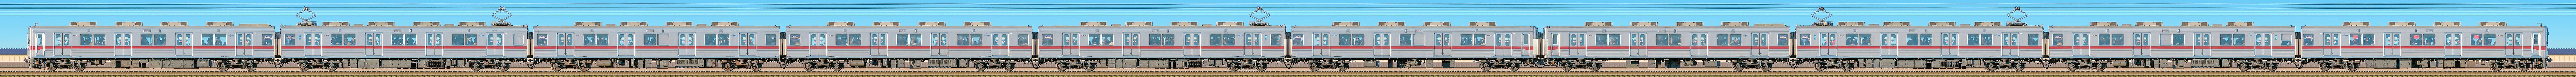 東武10030型(リニューアル車)11637編成(海側)の編成サイドビュー